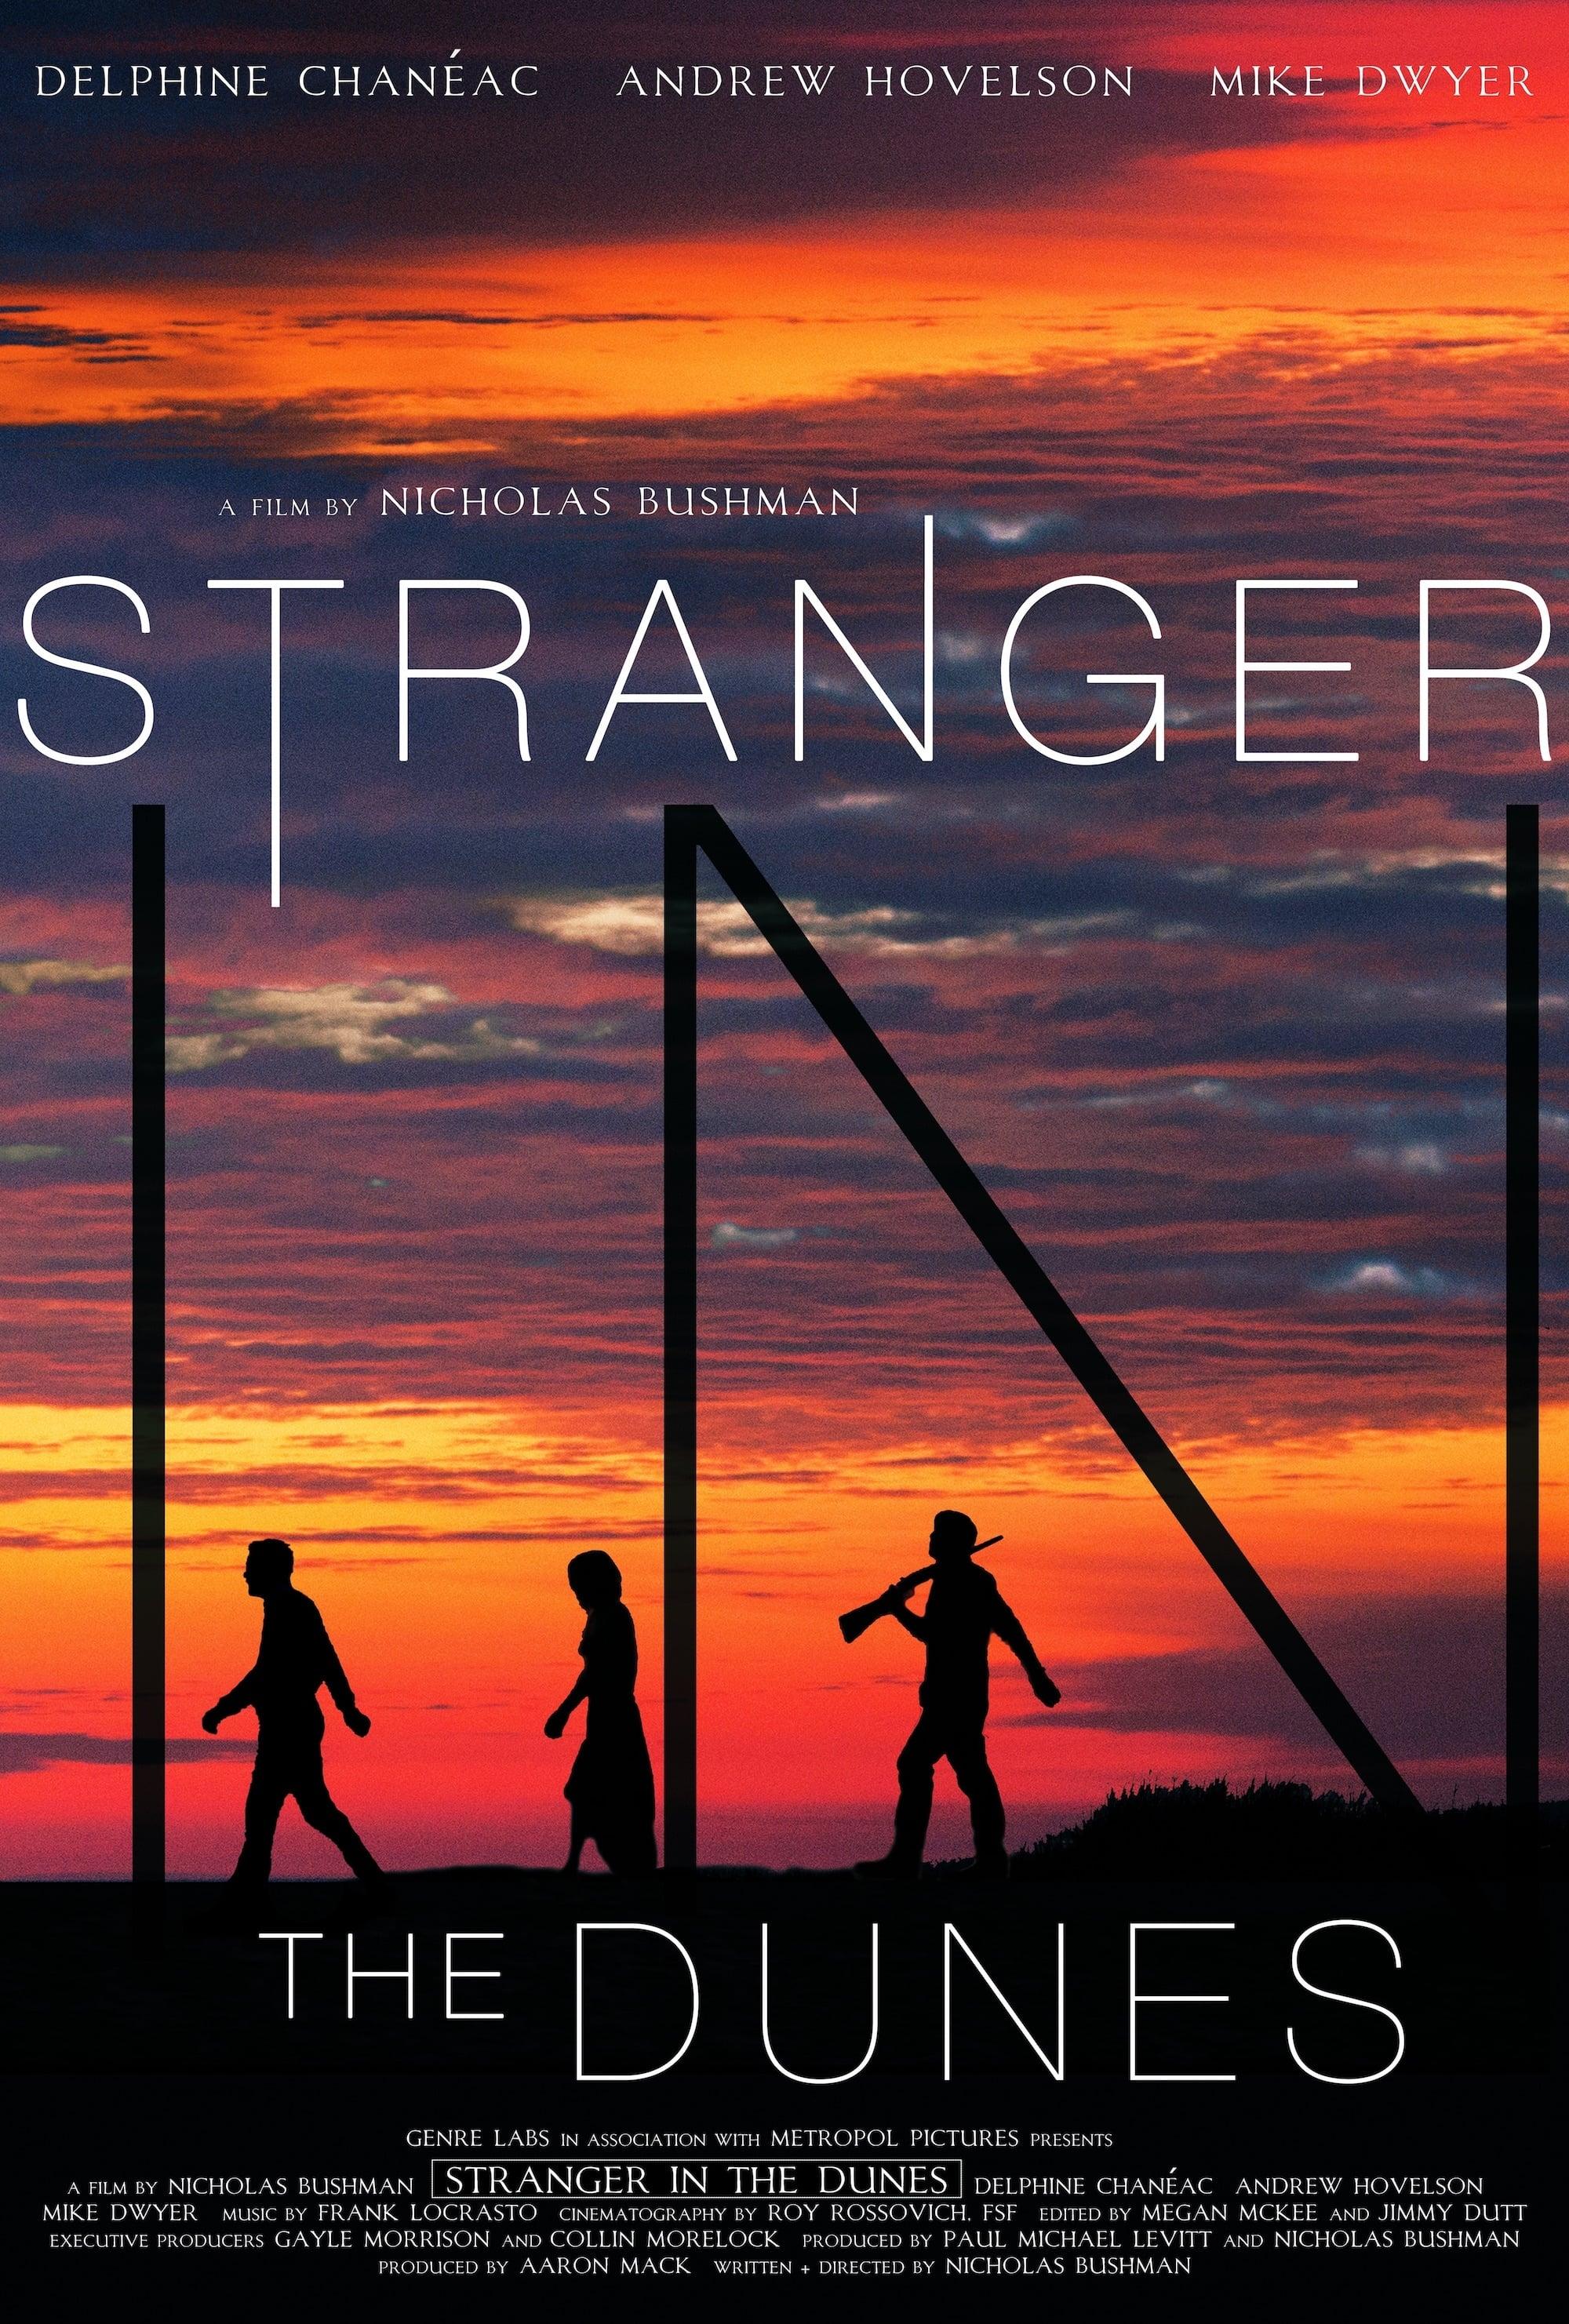 Stranger in the Dunes